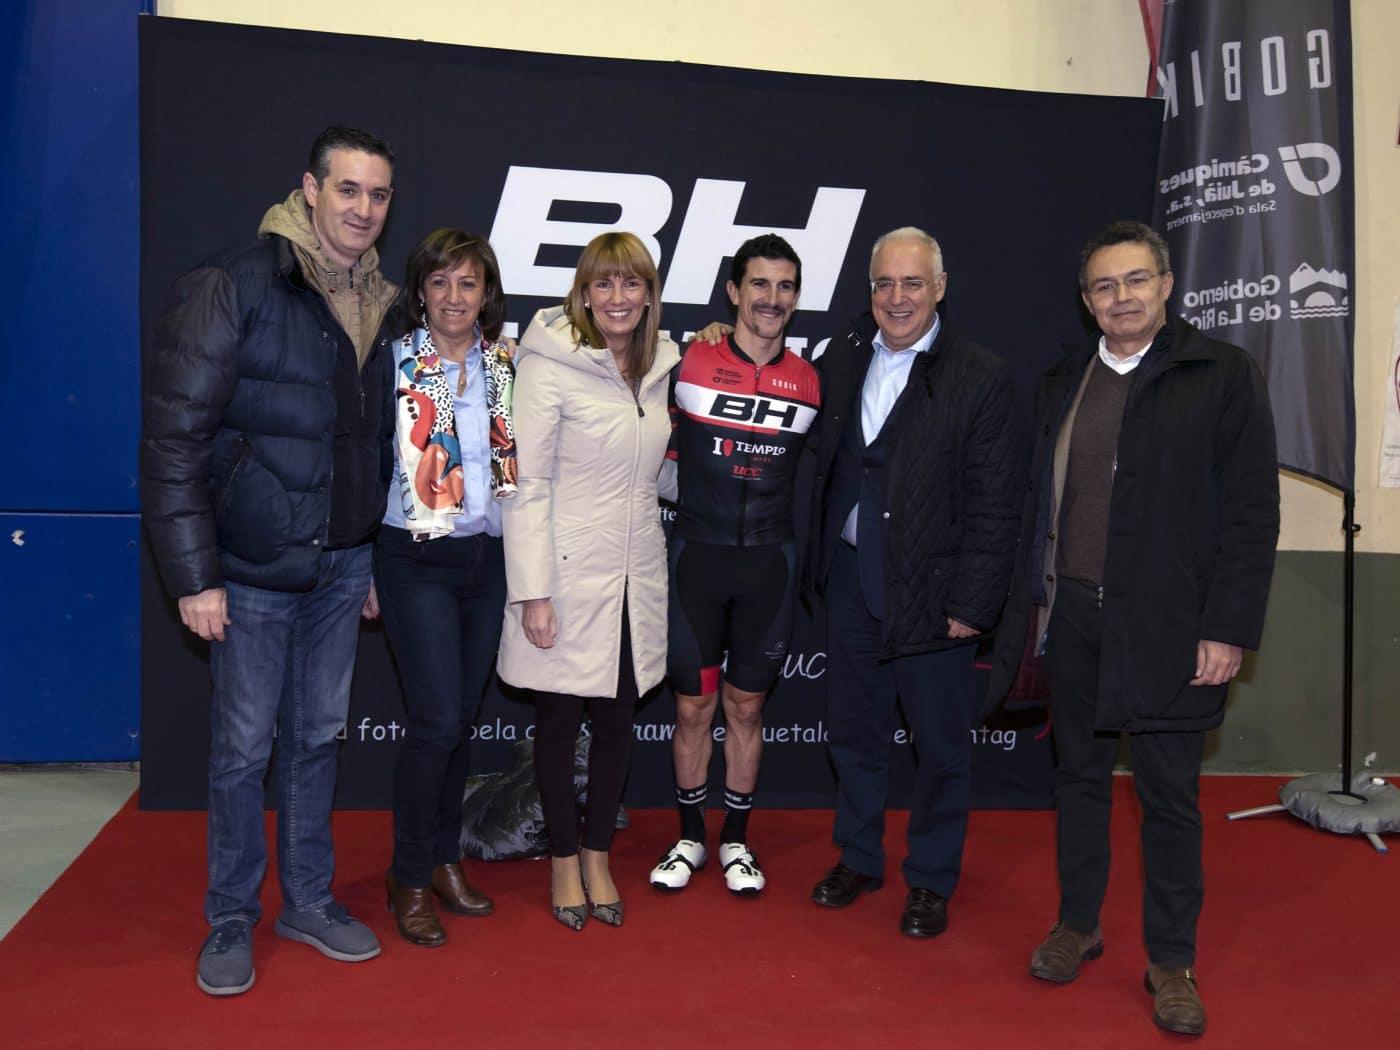 La jarrera María López se presenta con el nuevo equipo de Carlos Coloma, el BH Templo Cafés UCC 12